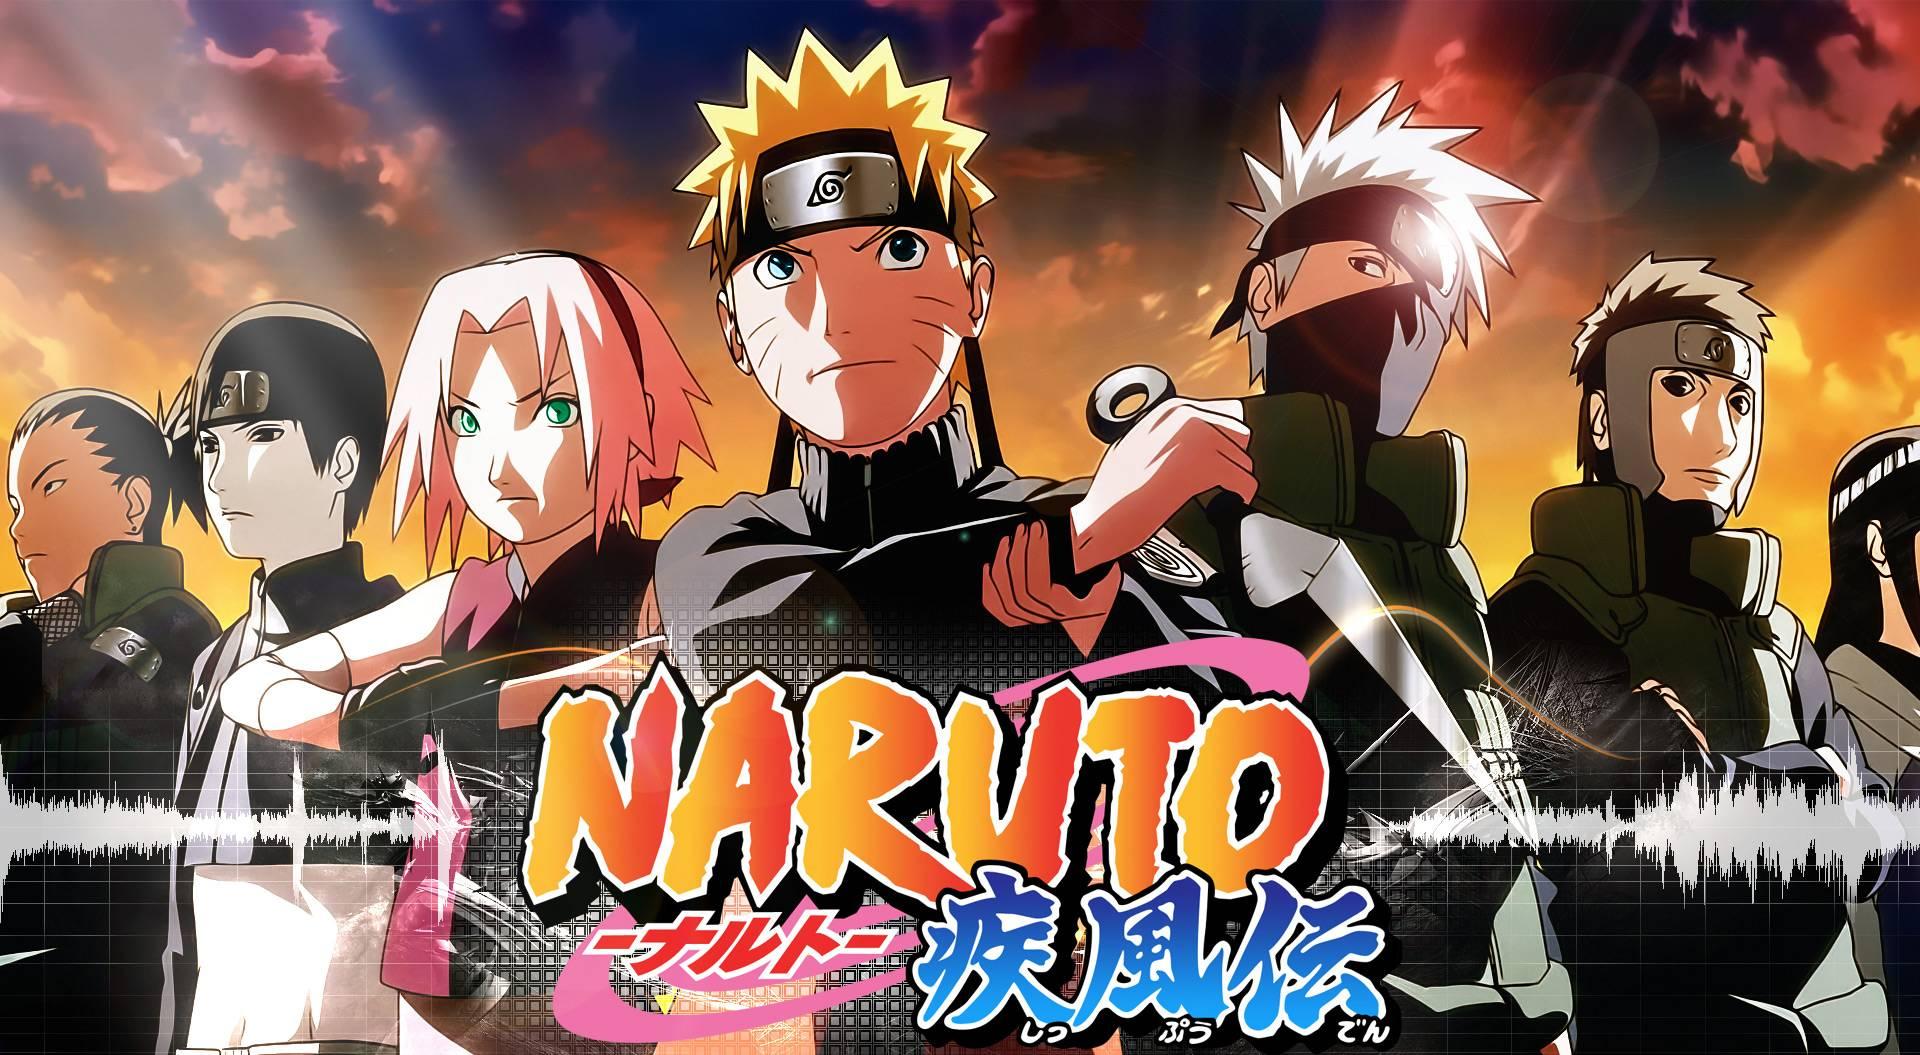 Naruto Shippuden Wallpaper 4k 1920x1055 Wallpaper Teahub Io